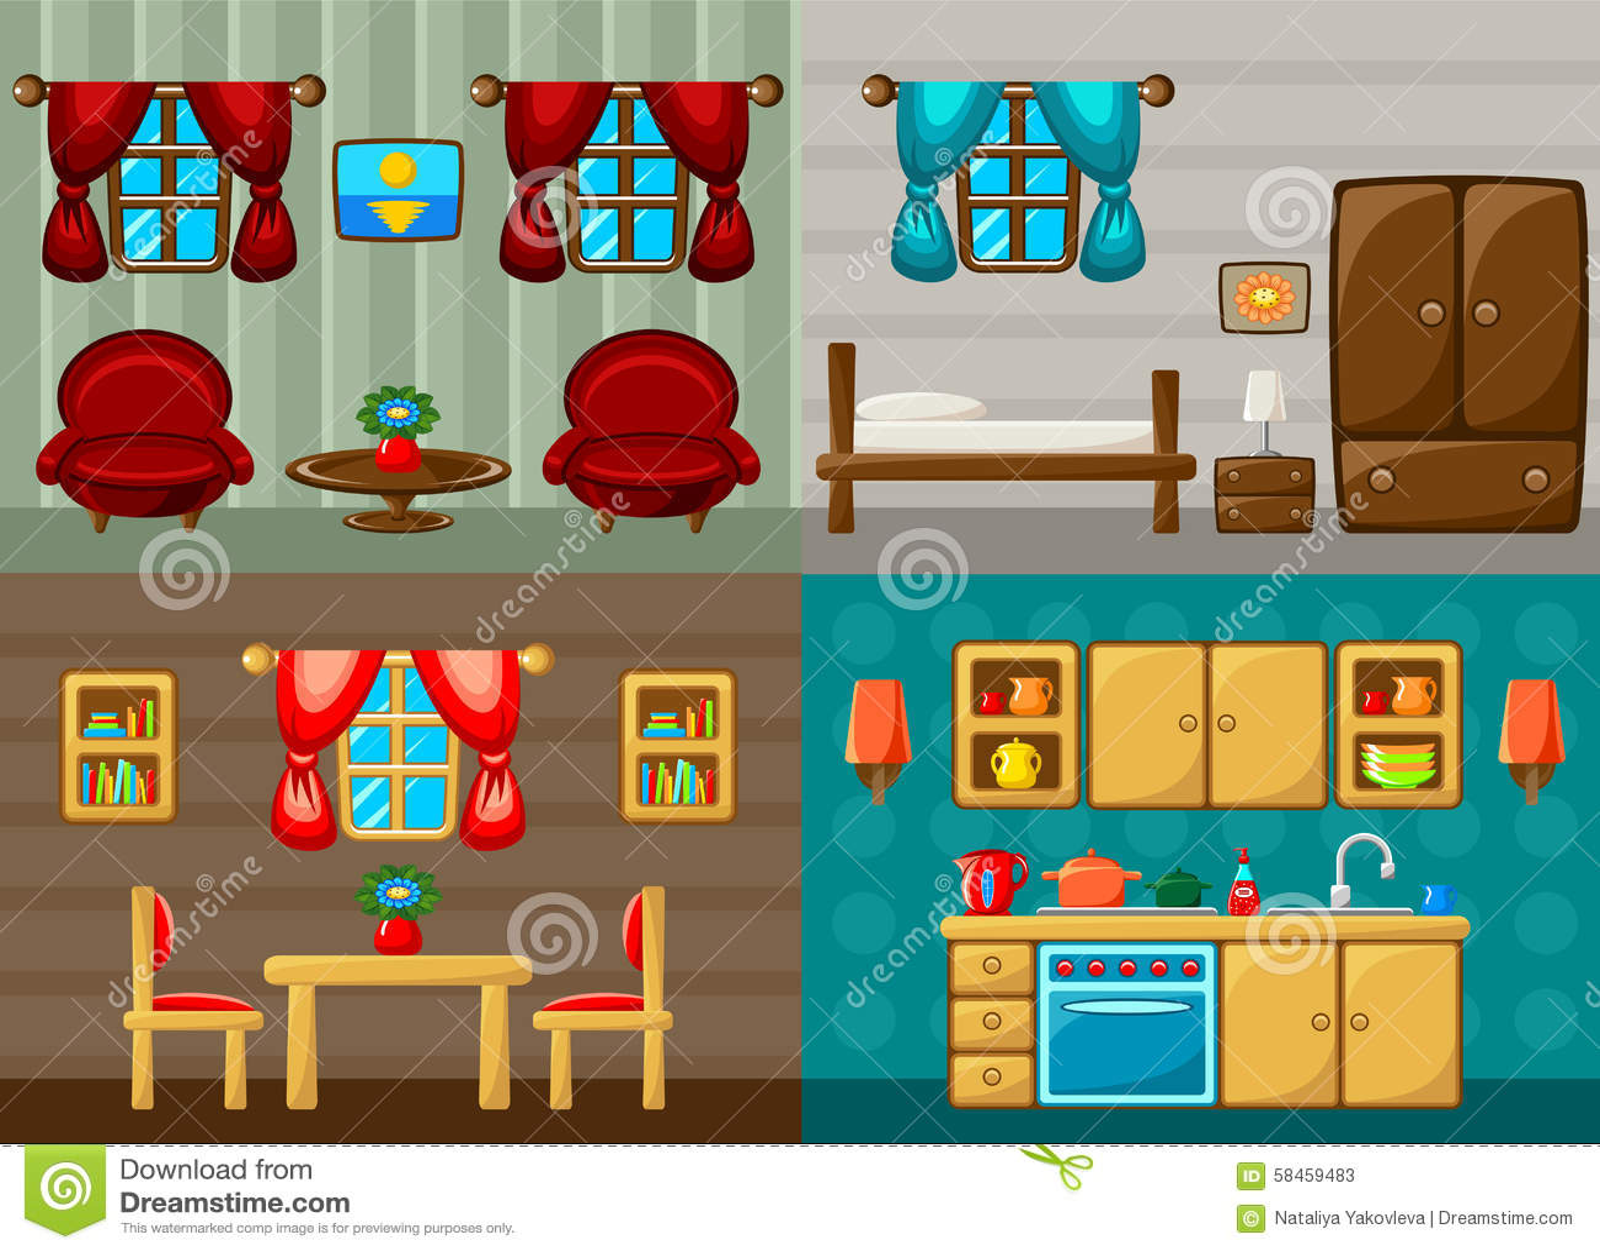 Esszimmer Clipart Das Einzigartig Schlafzimmer Clipart Idee Buiducliem